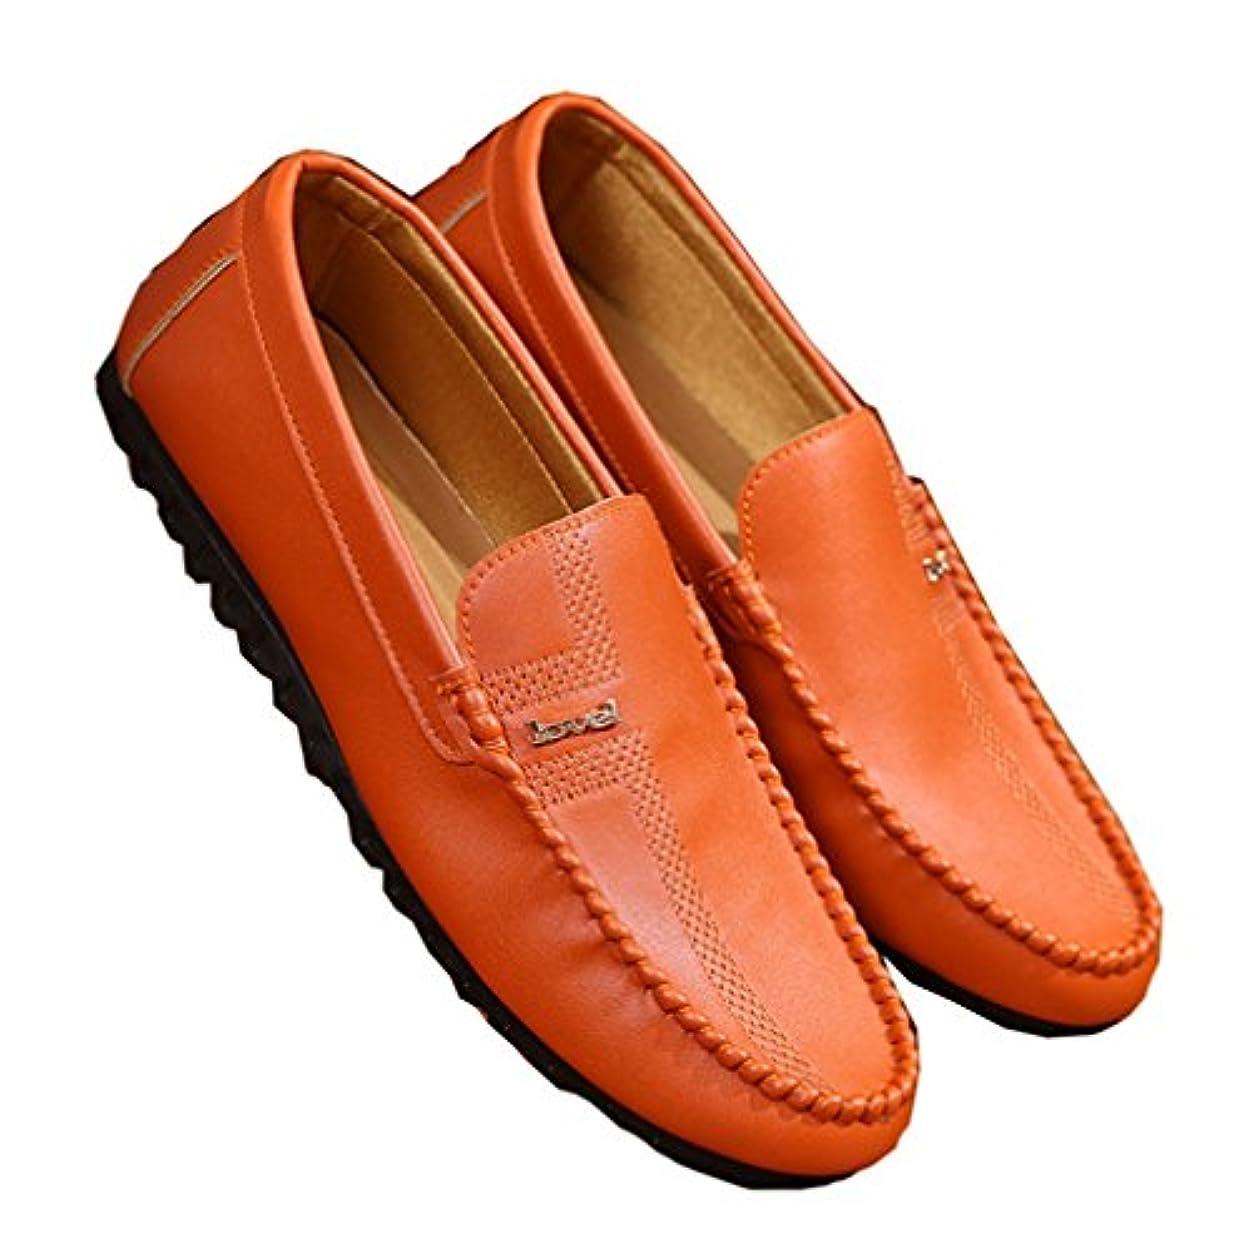 ロケーション立方体学期[XINXIKEJI]ローファー ローカット ローファースリッポン 運転靴 カジュアル ラバーソール 耐摩耗性 紳士靴 防滑 軽量 通勤